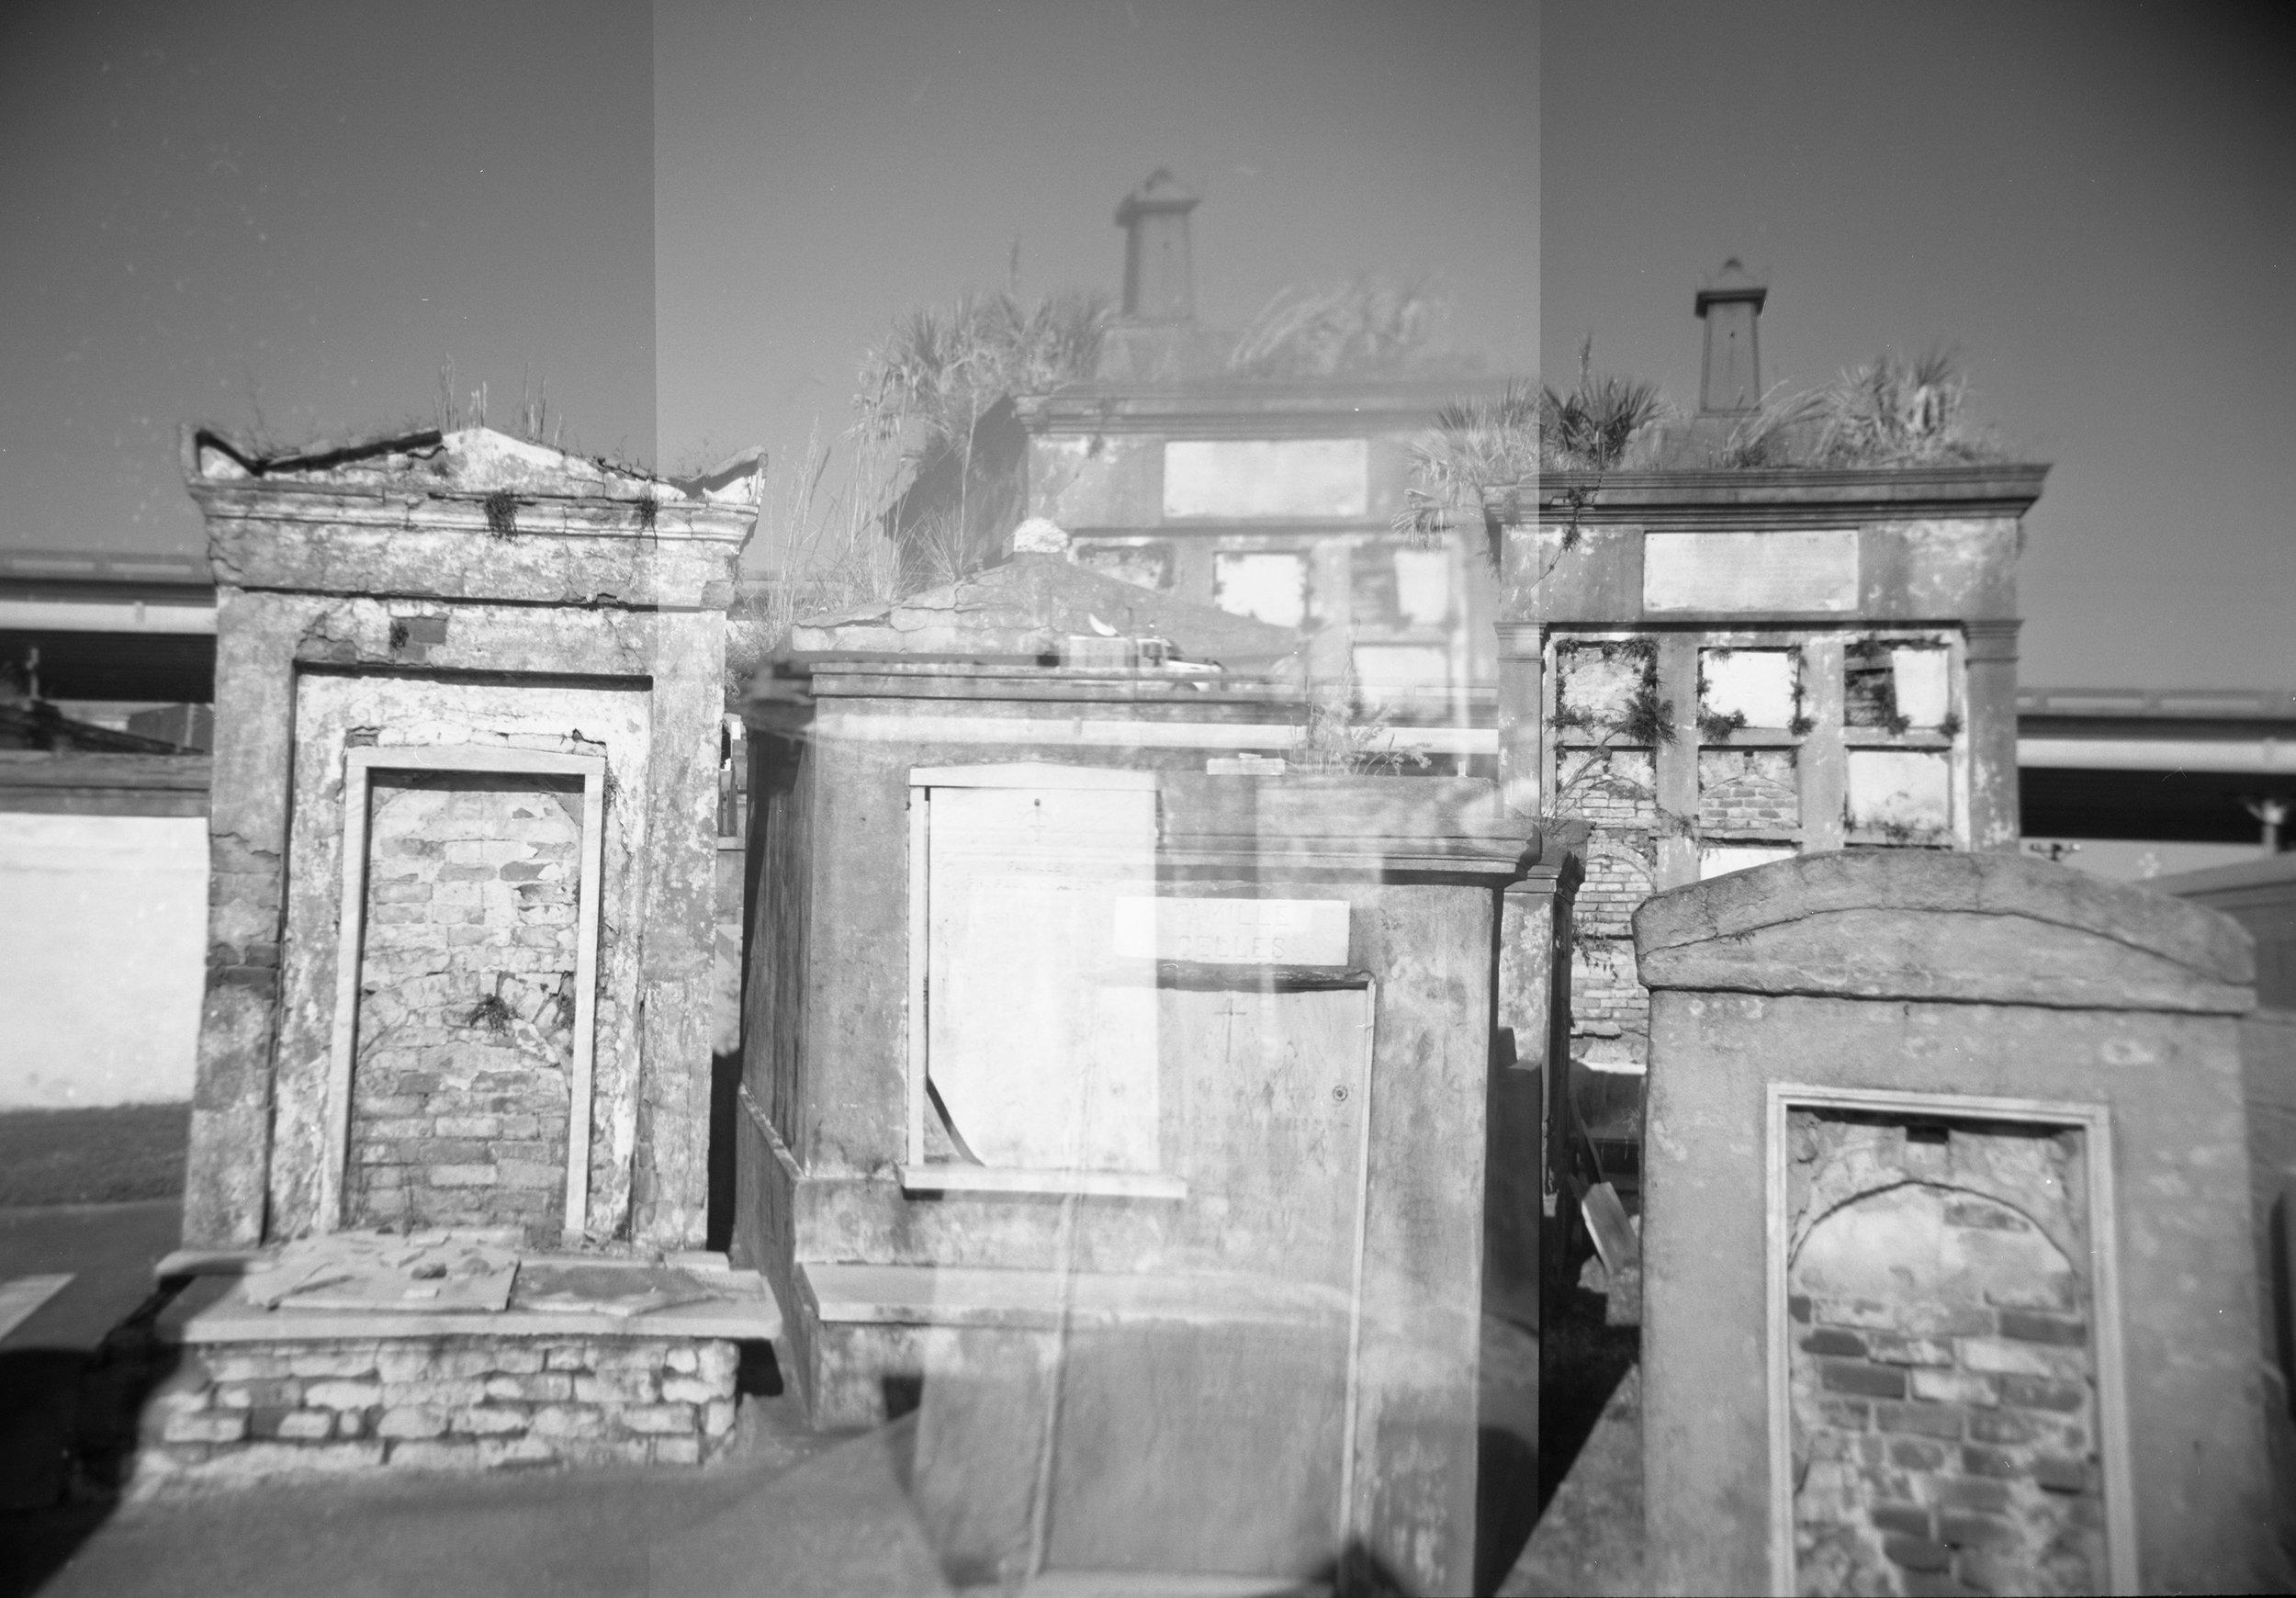 Mausoleums, Double Exposure